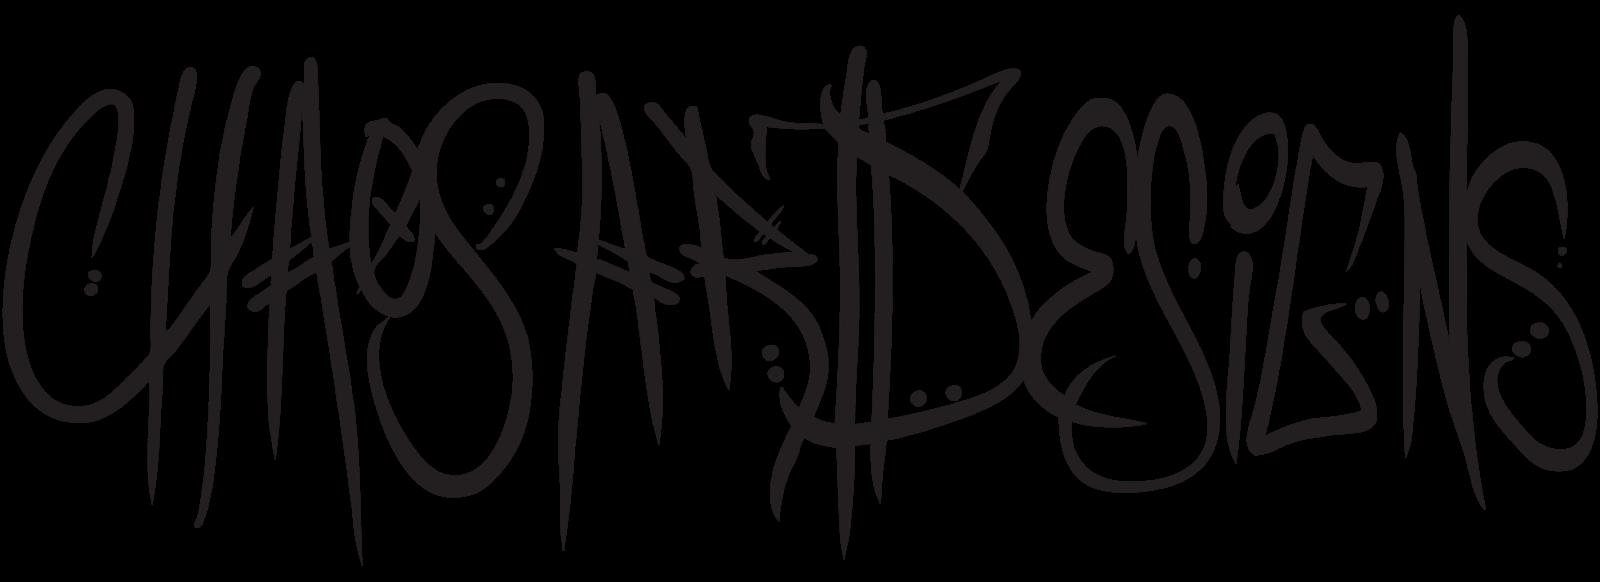 Chaos Logo Chaosartdesigns